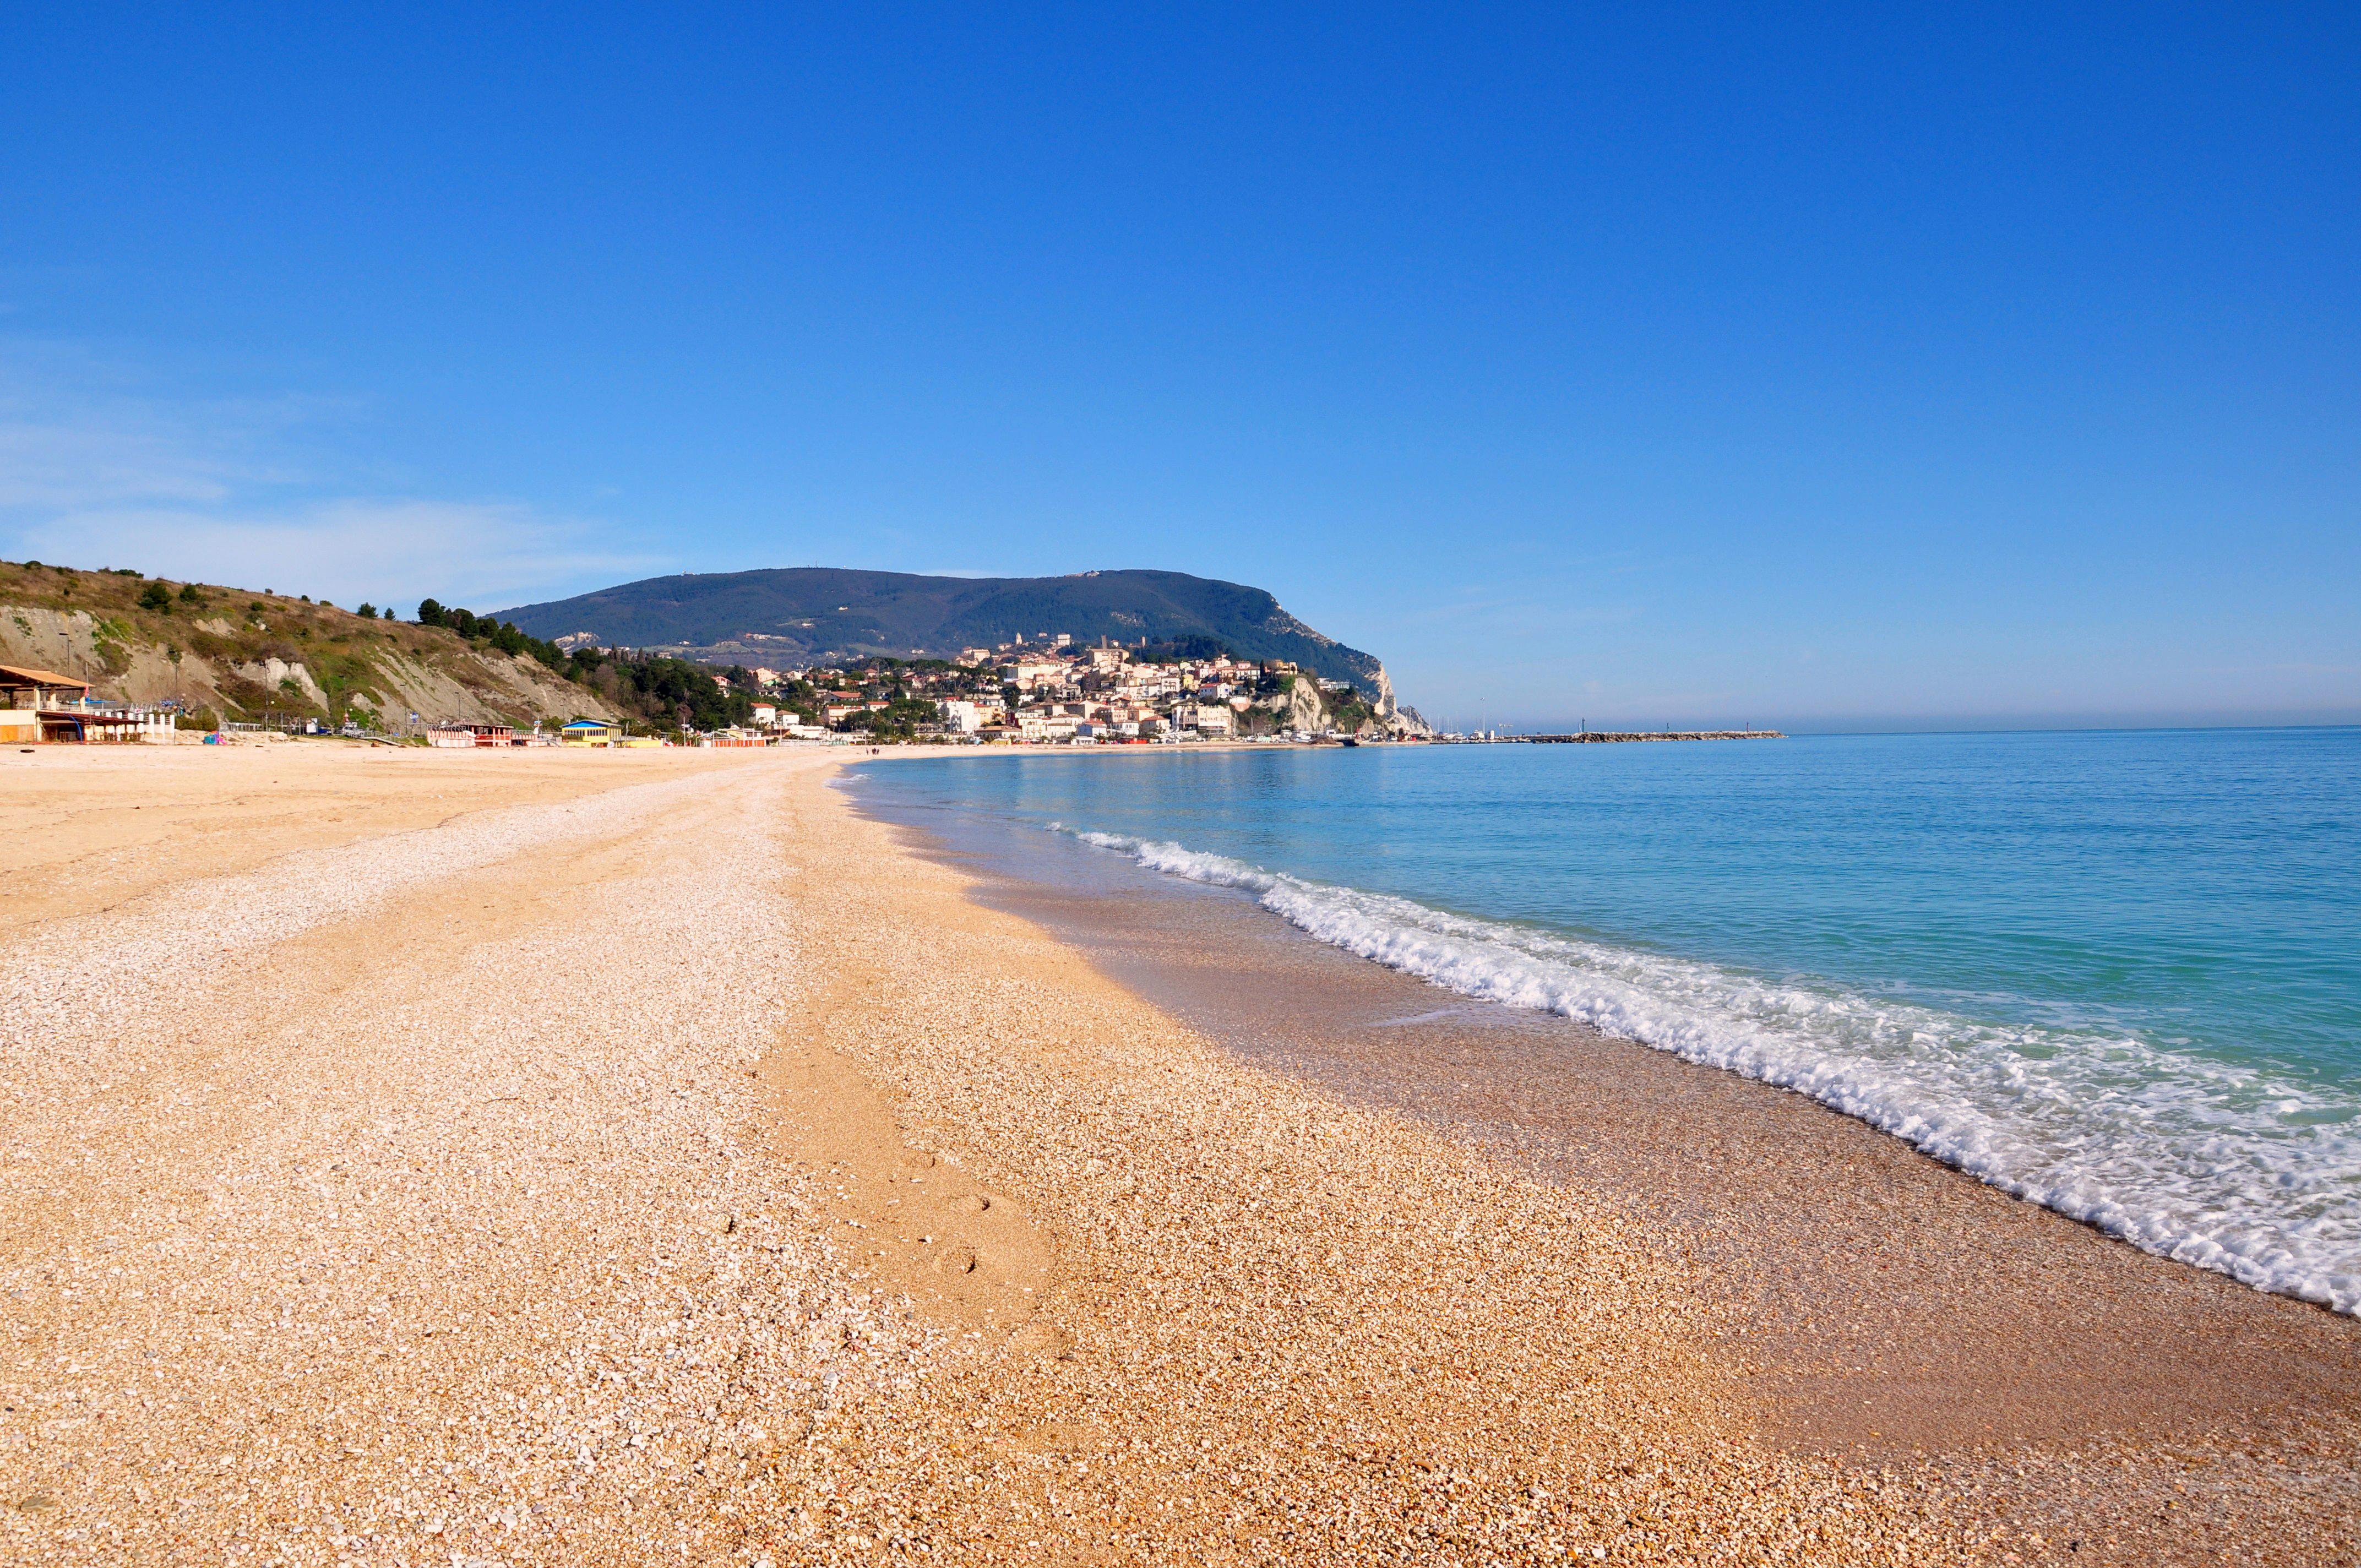 Spiaggia di Marcelli